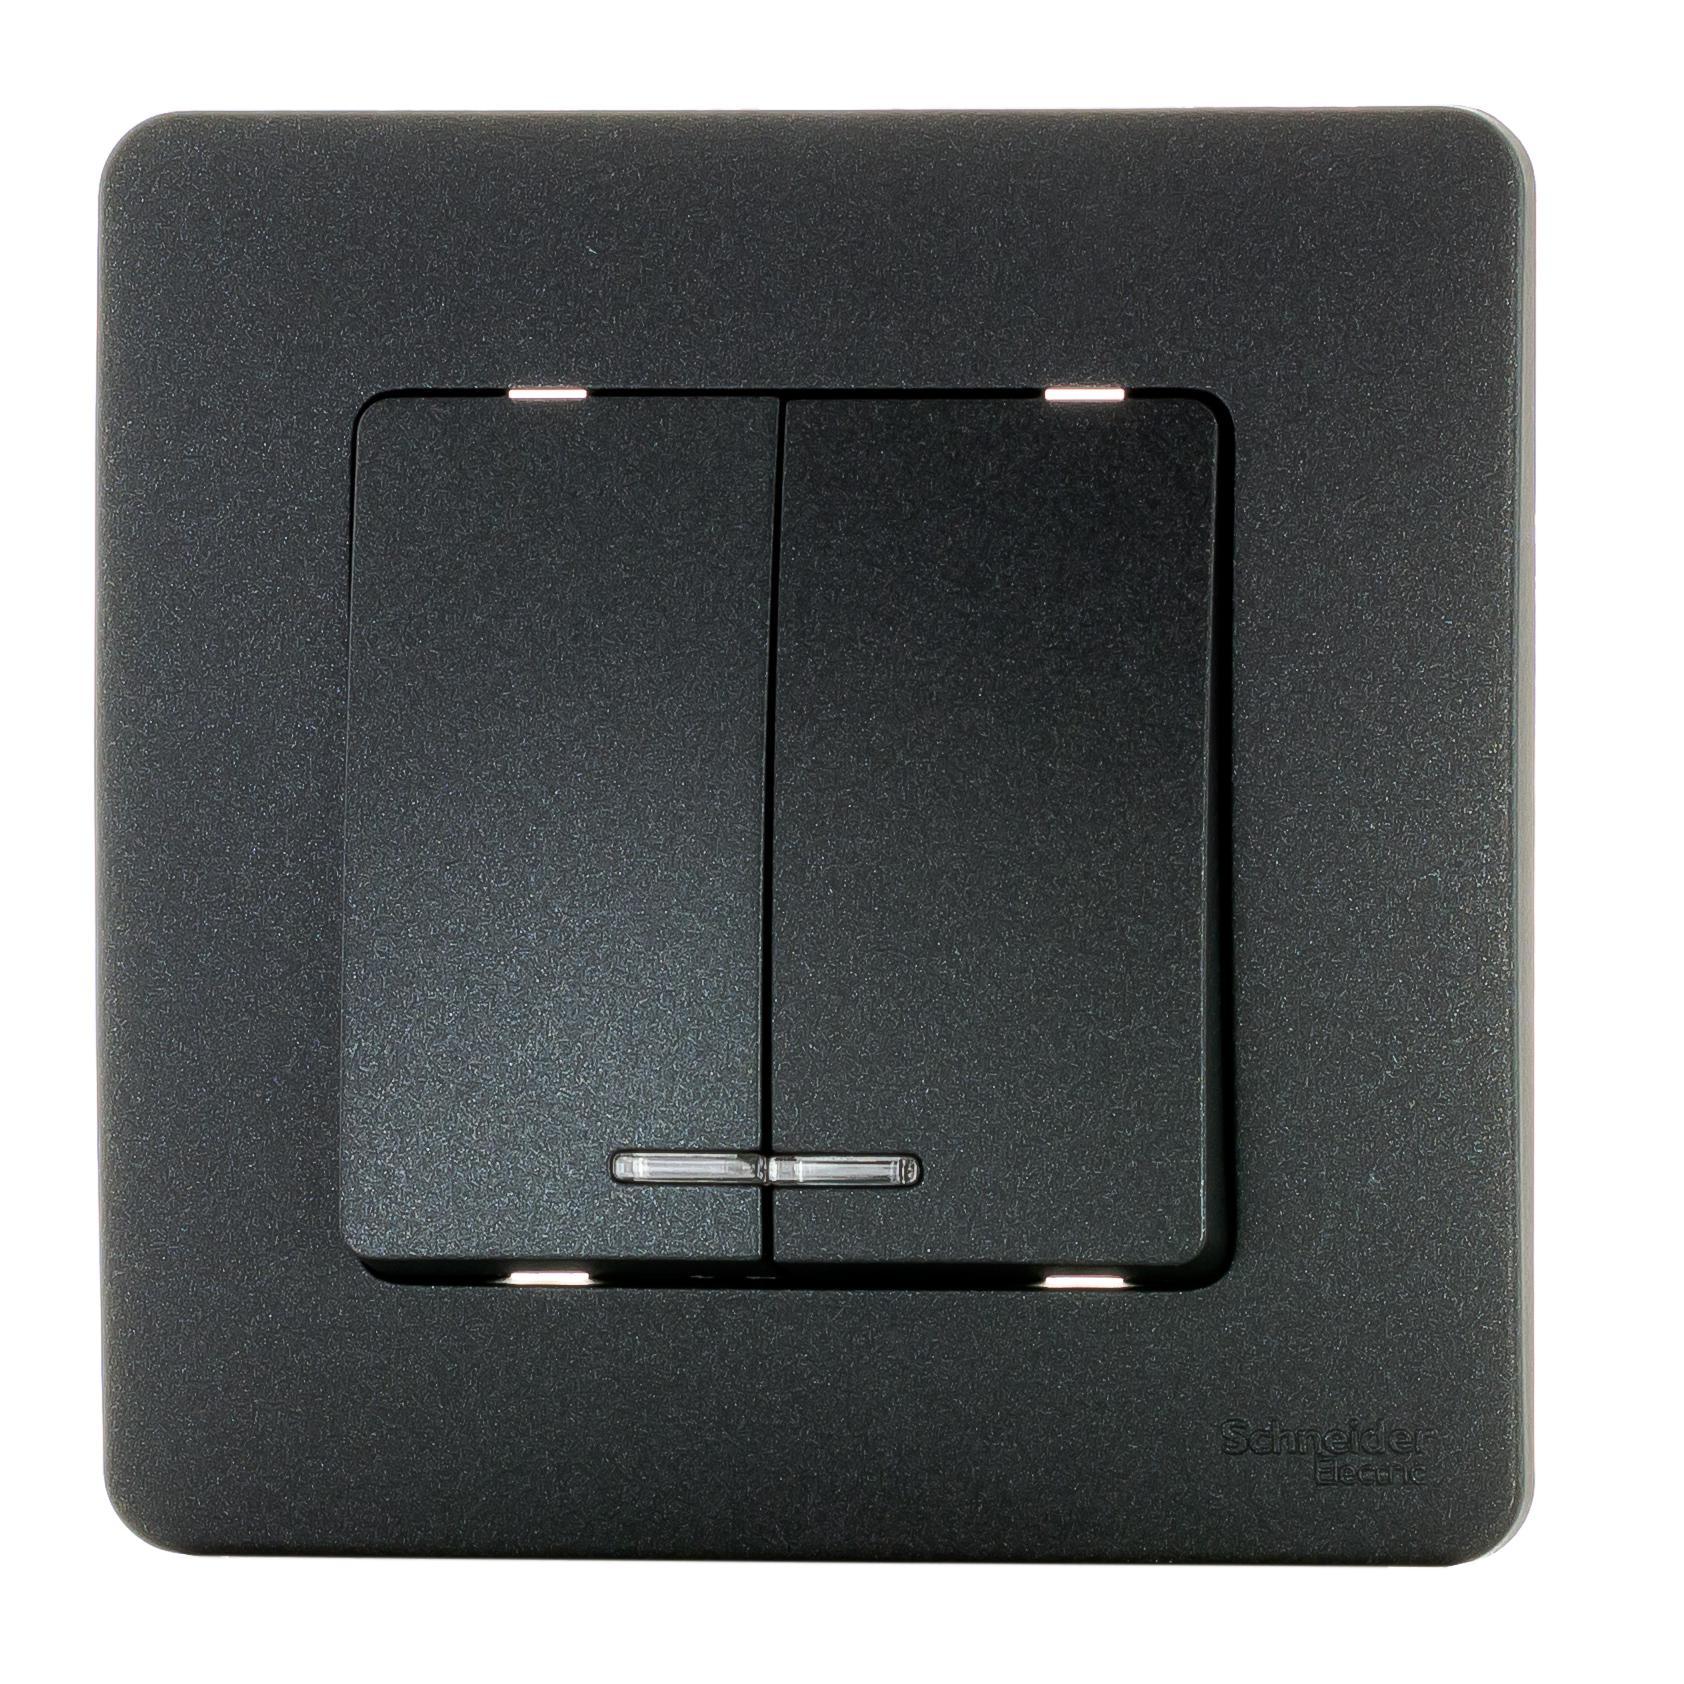 Выключатель Schneider electric Blnvs010516 blanca выключатель schneider electric blnva105014 blanca